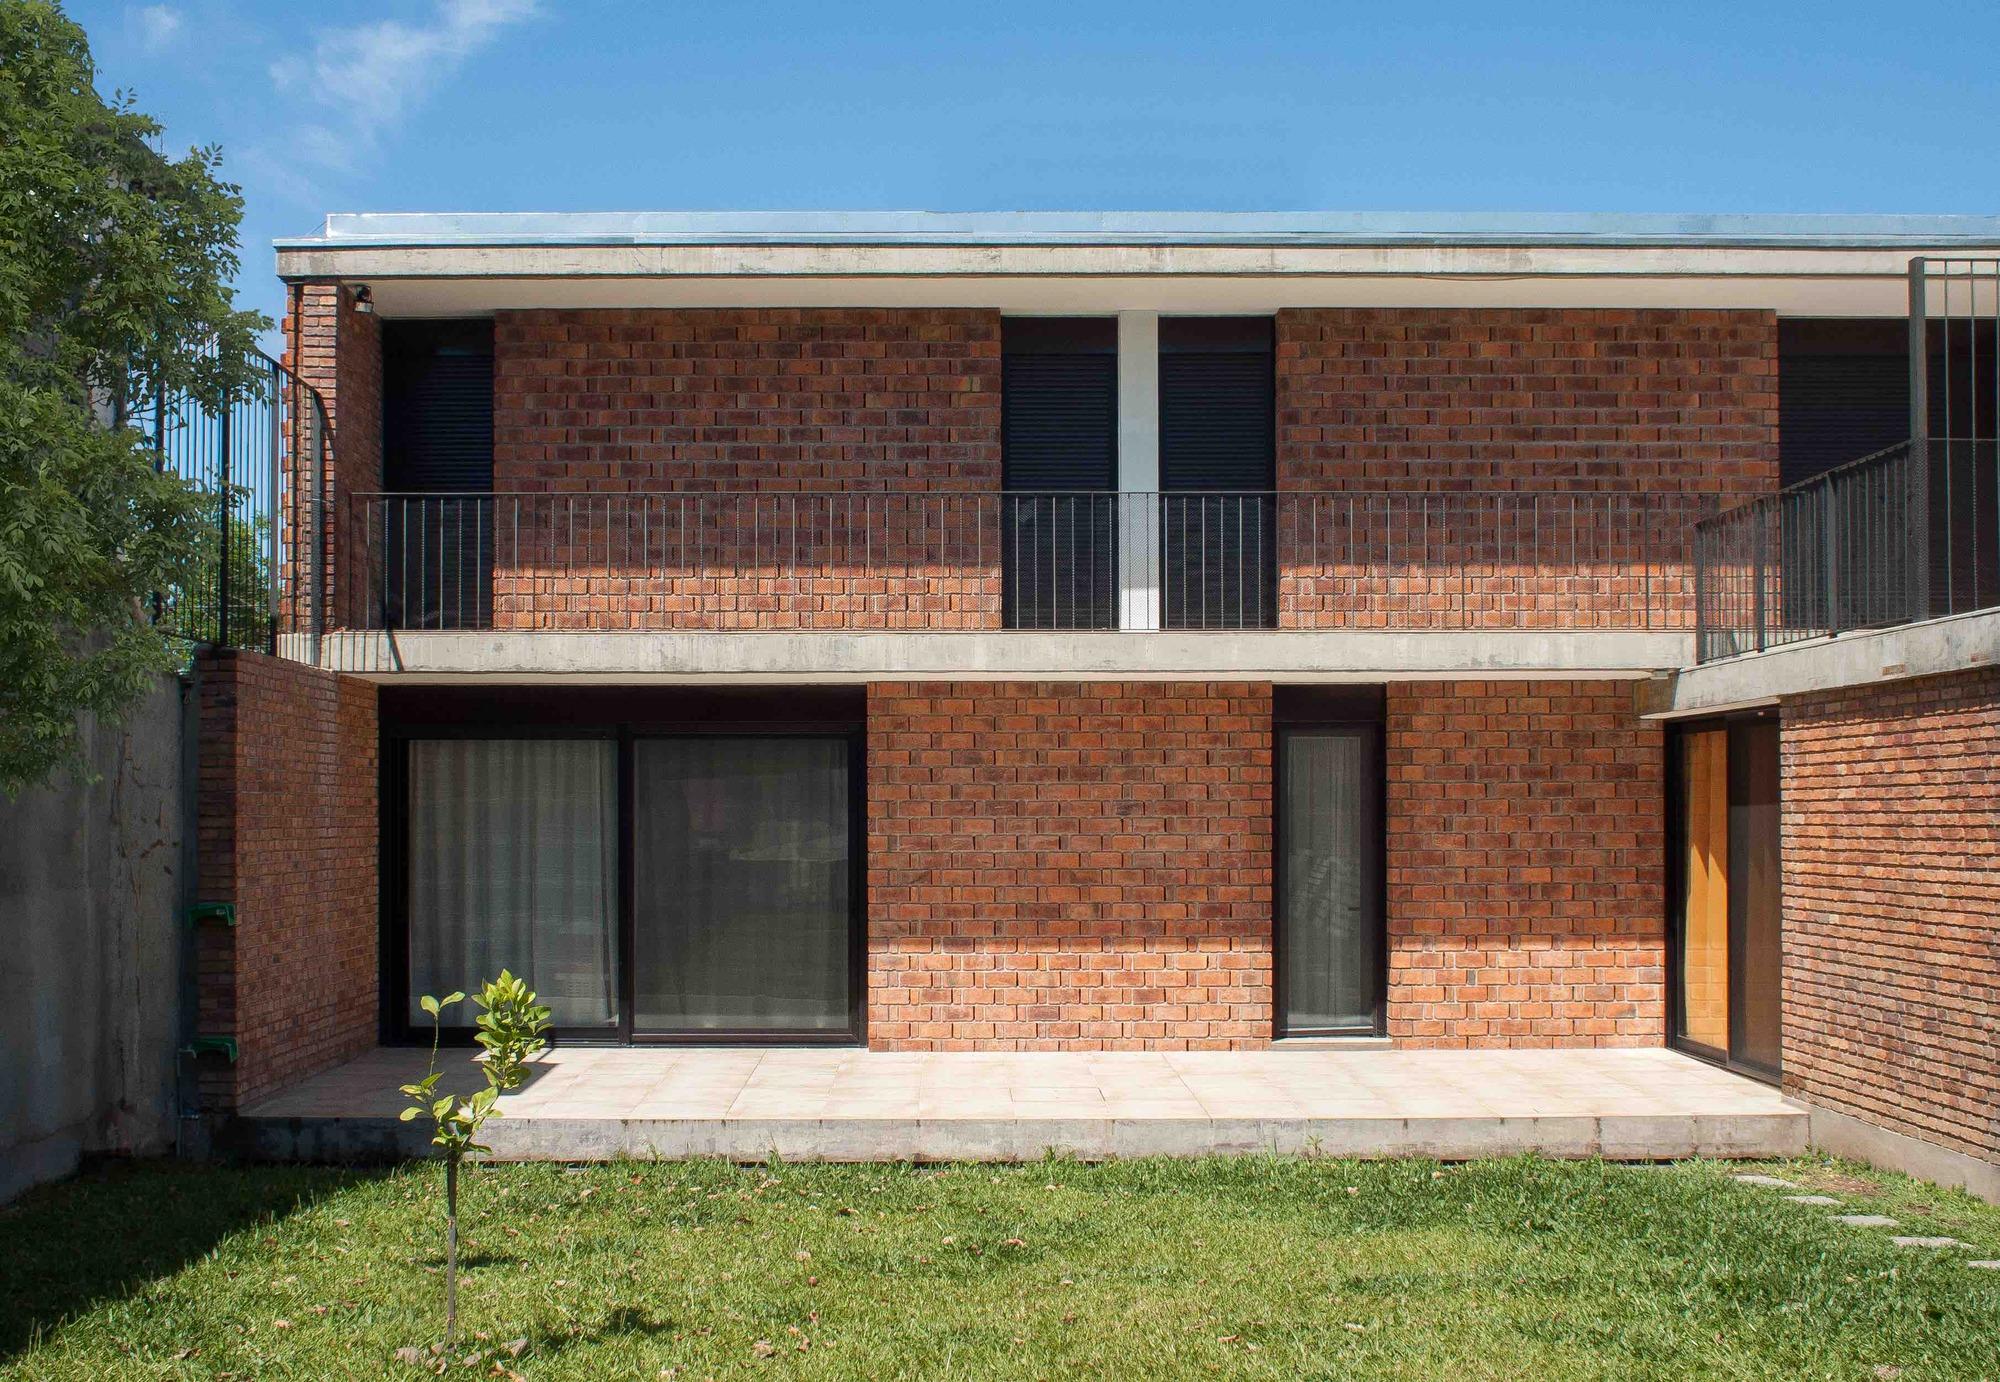 Casa de ladrillo paulo ambrosoni archdaily for Casa minimalista rojo